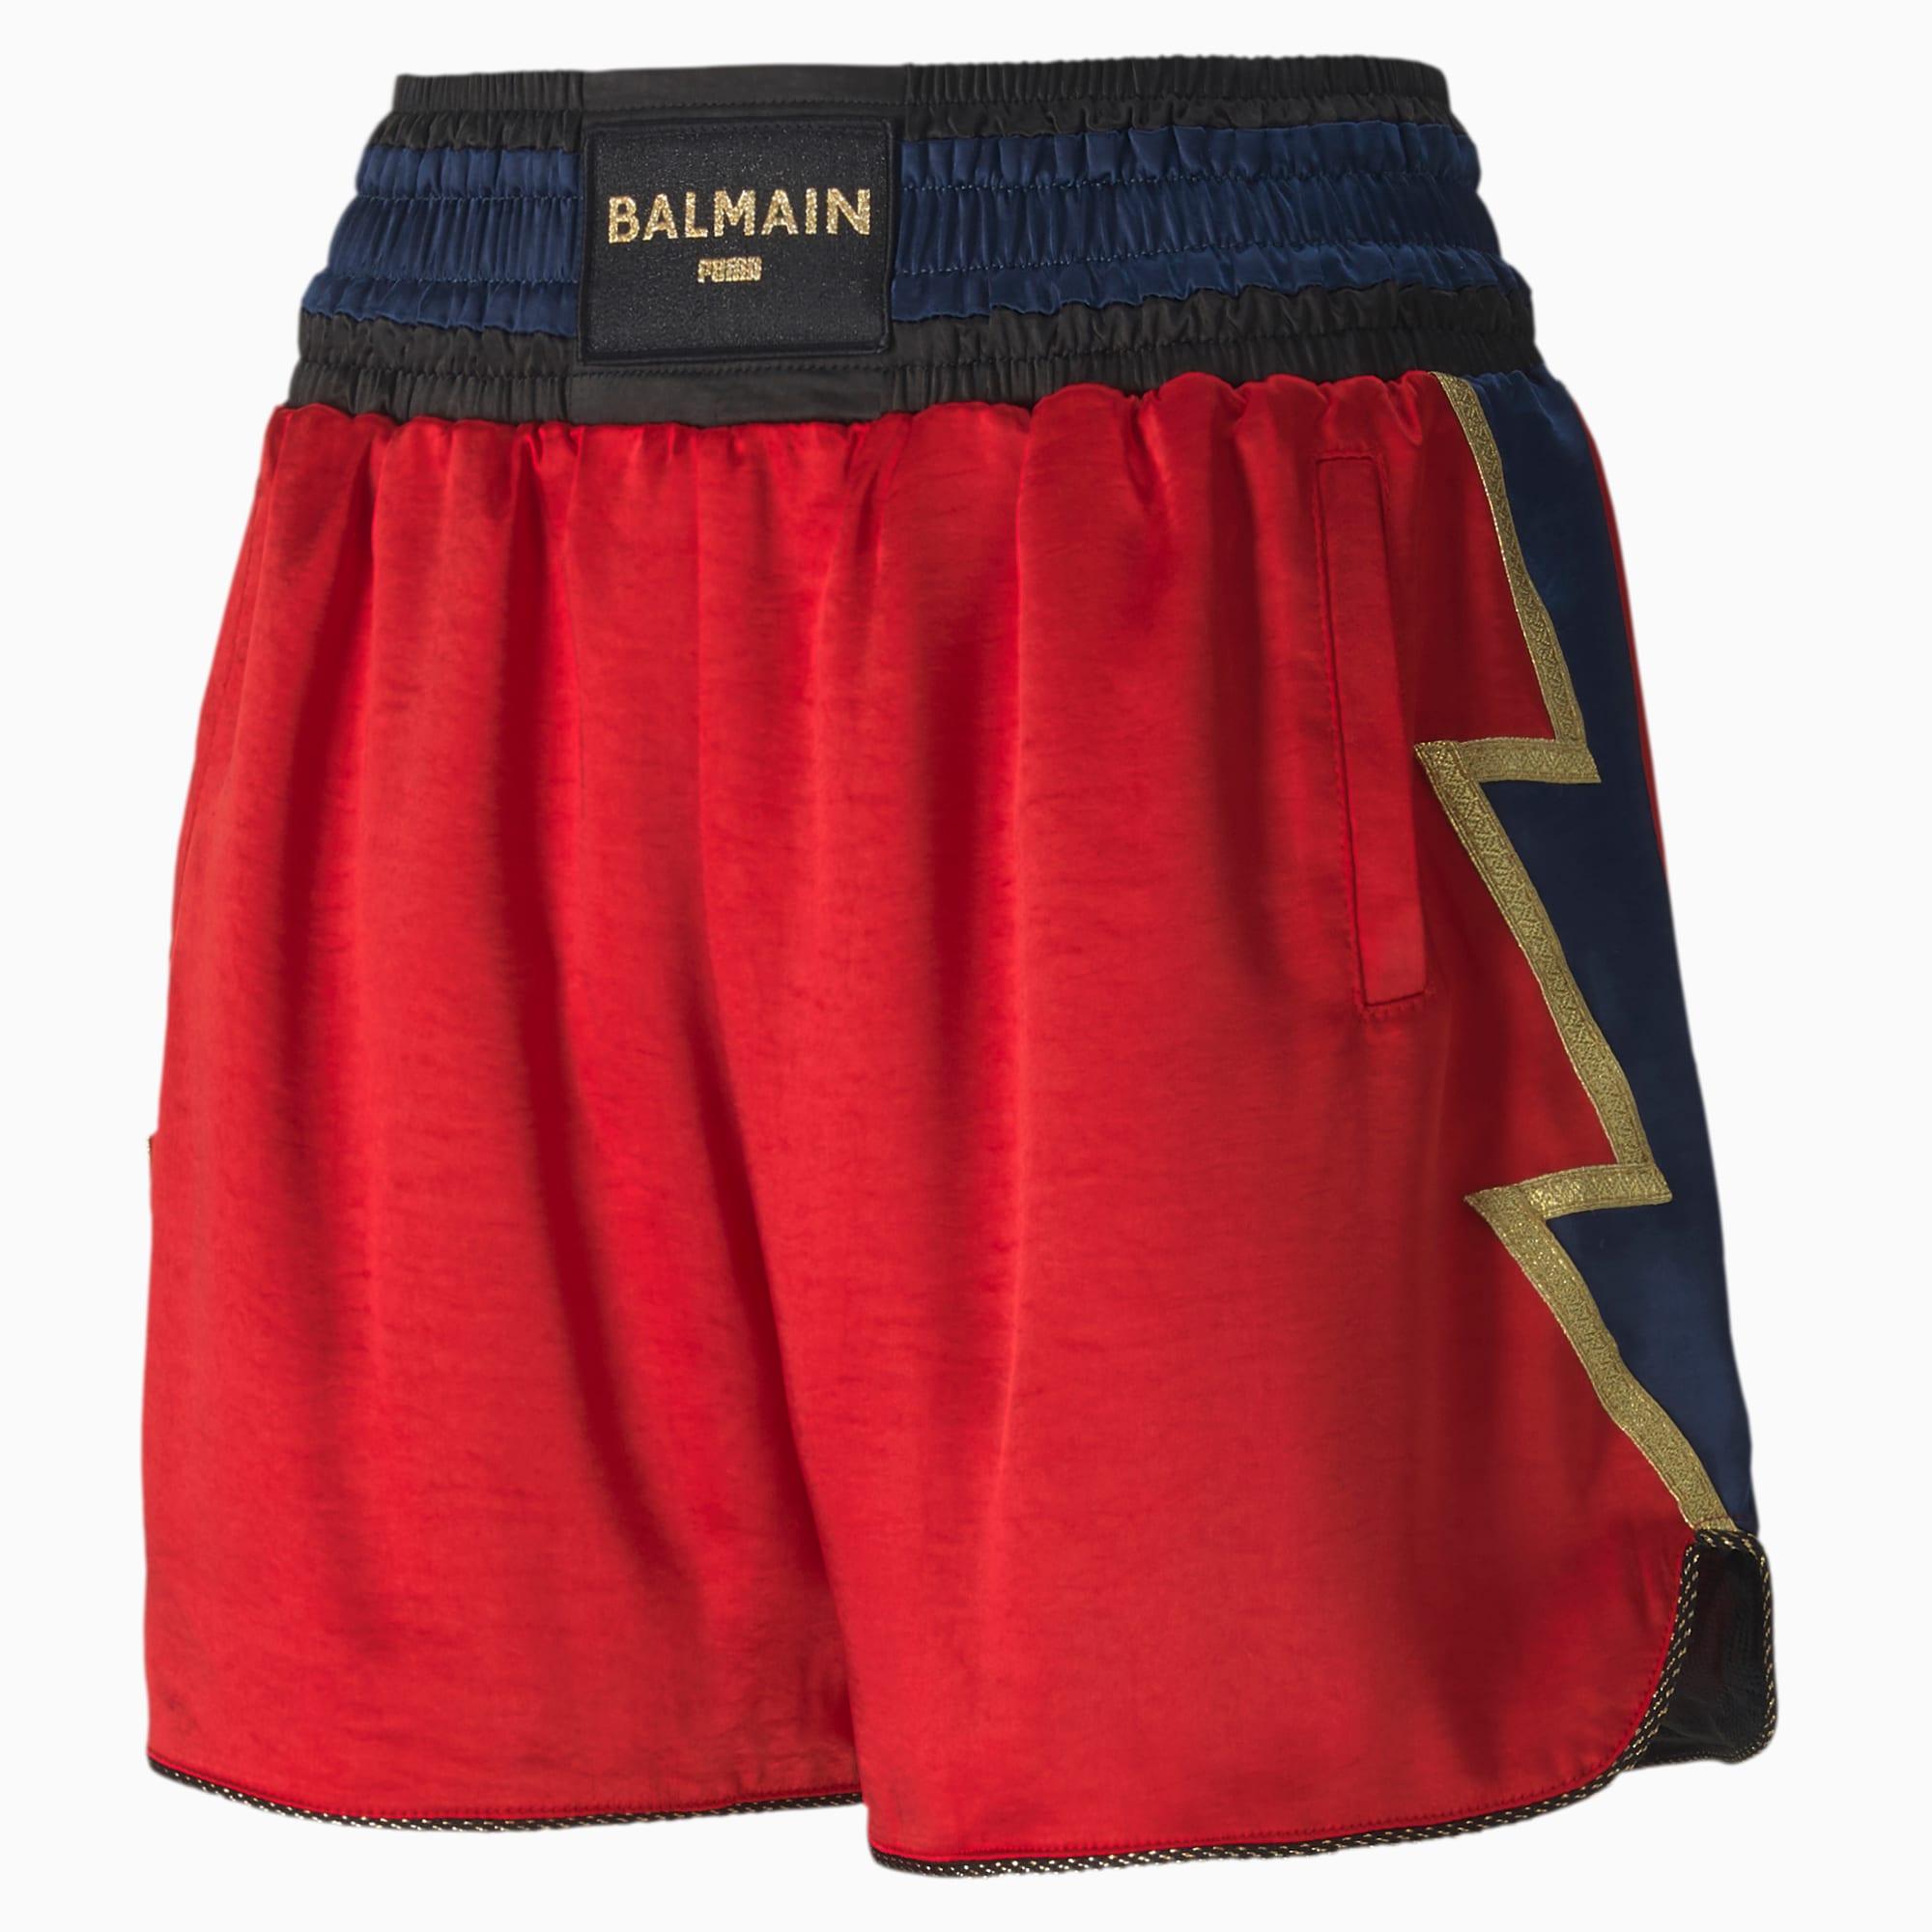 Muestra tu lado más atrevido con estos shorts de boxeo con un material fluido clásico, detalles dorados llenos de glamour y un rayo adornando cada lateral.